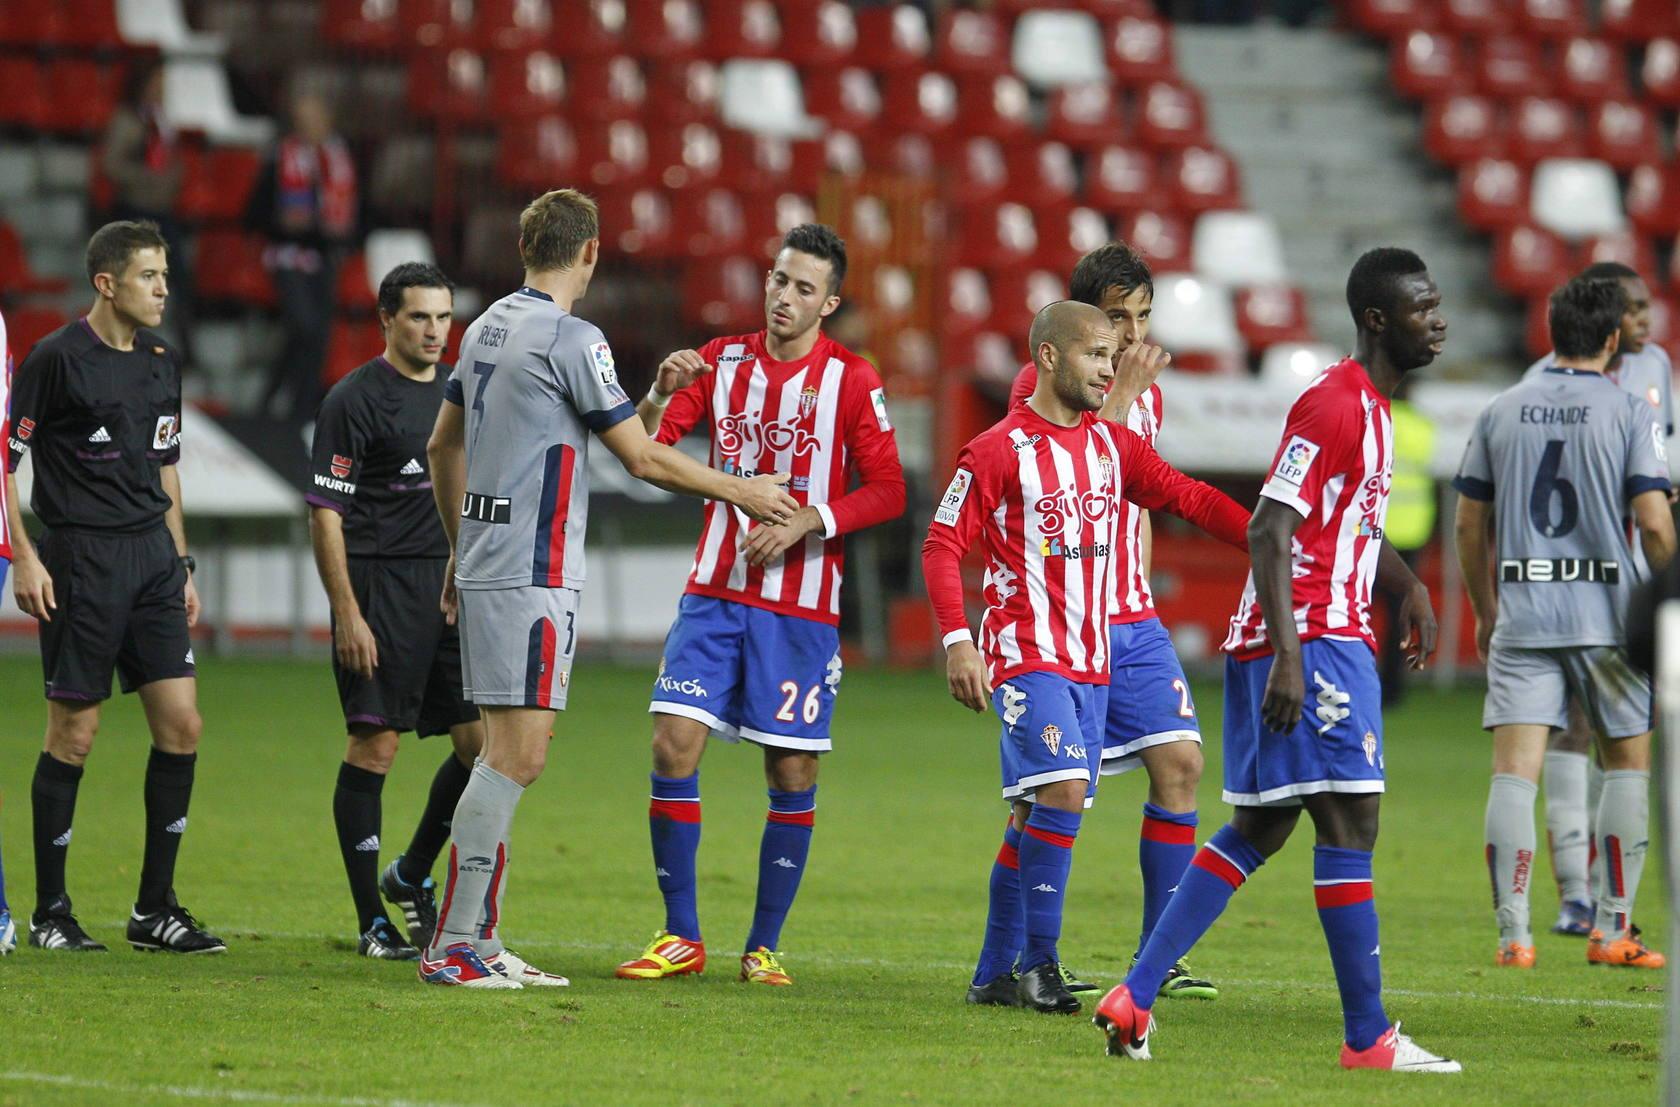 Sporting 1 - 0 Osasuna